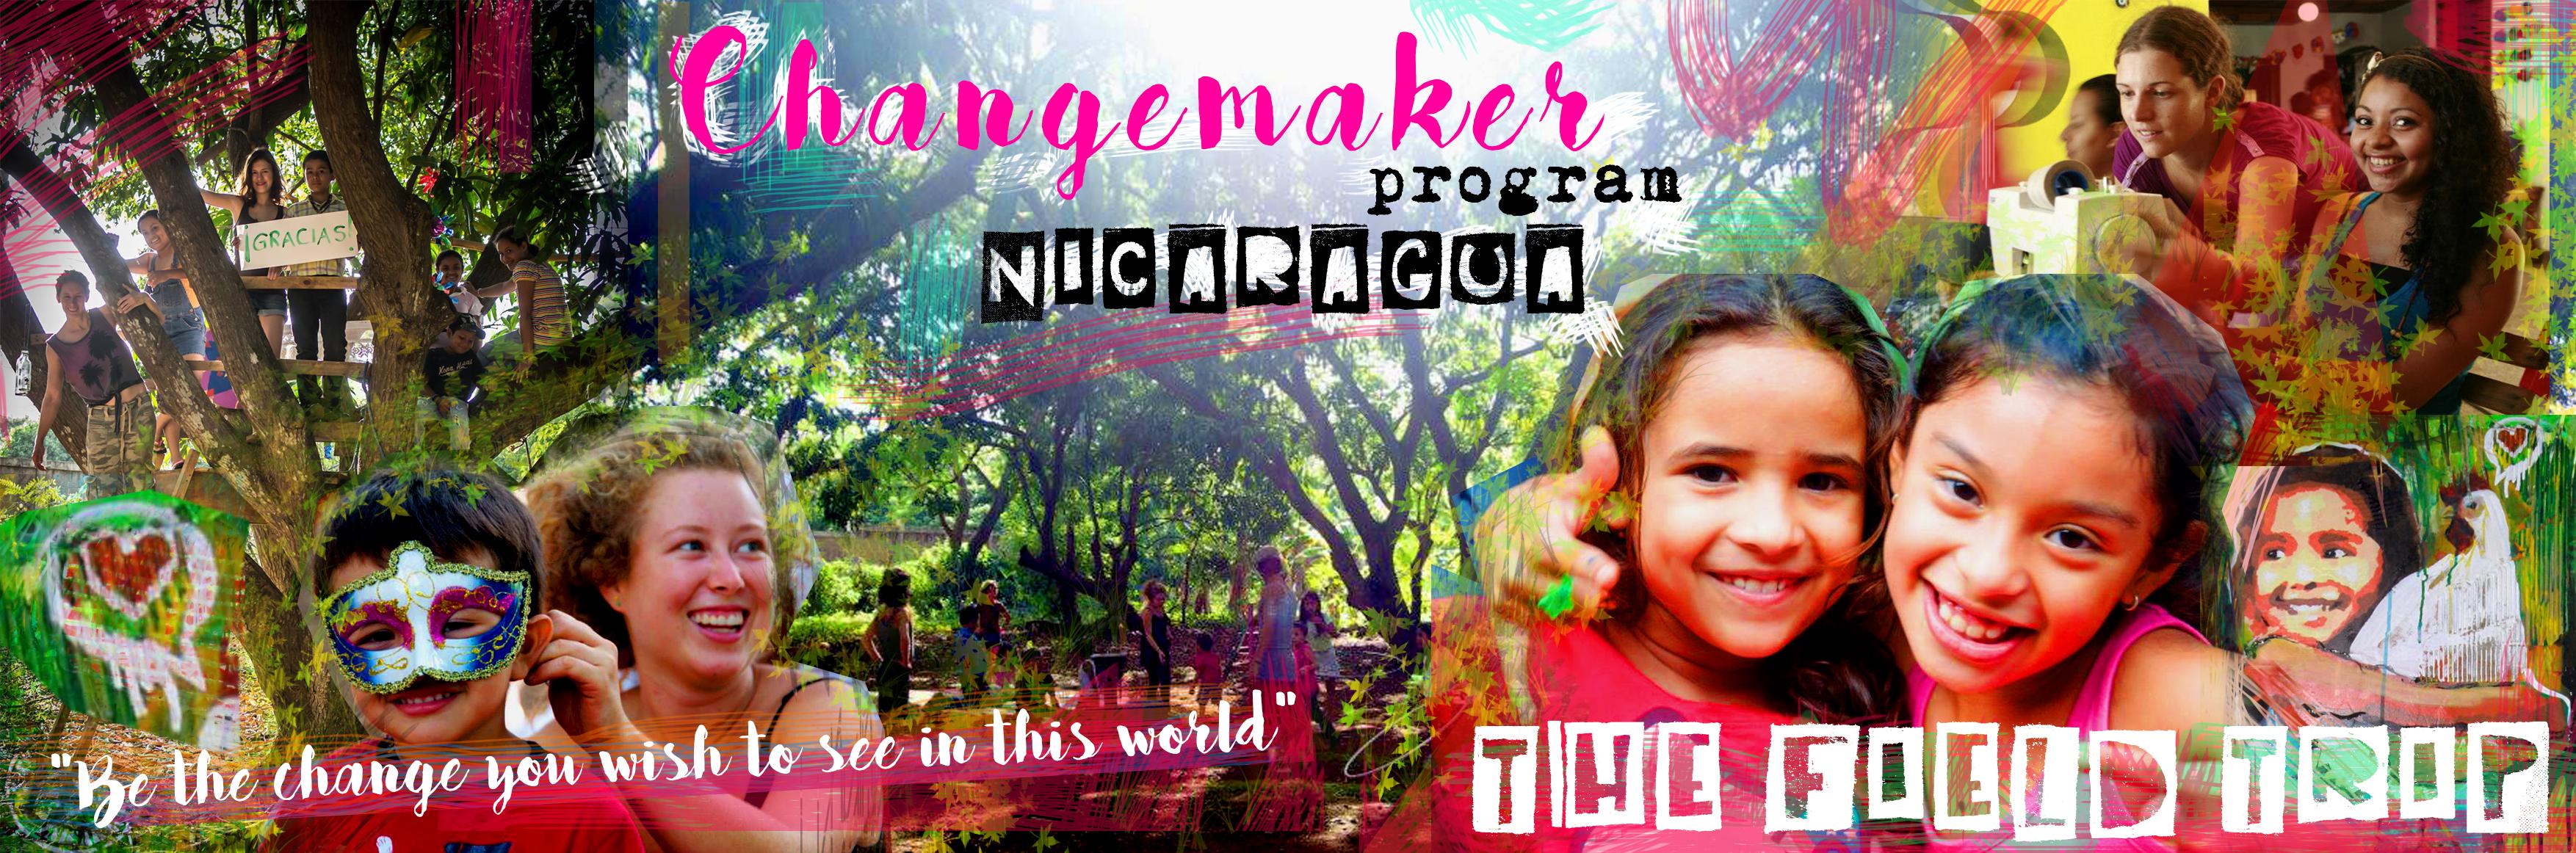 changemakerprogram